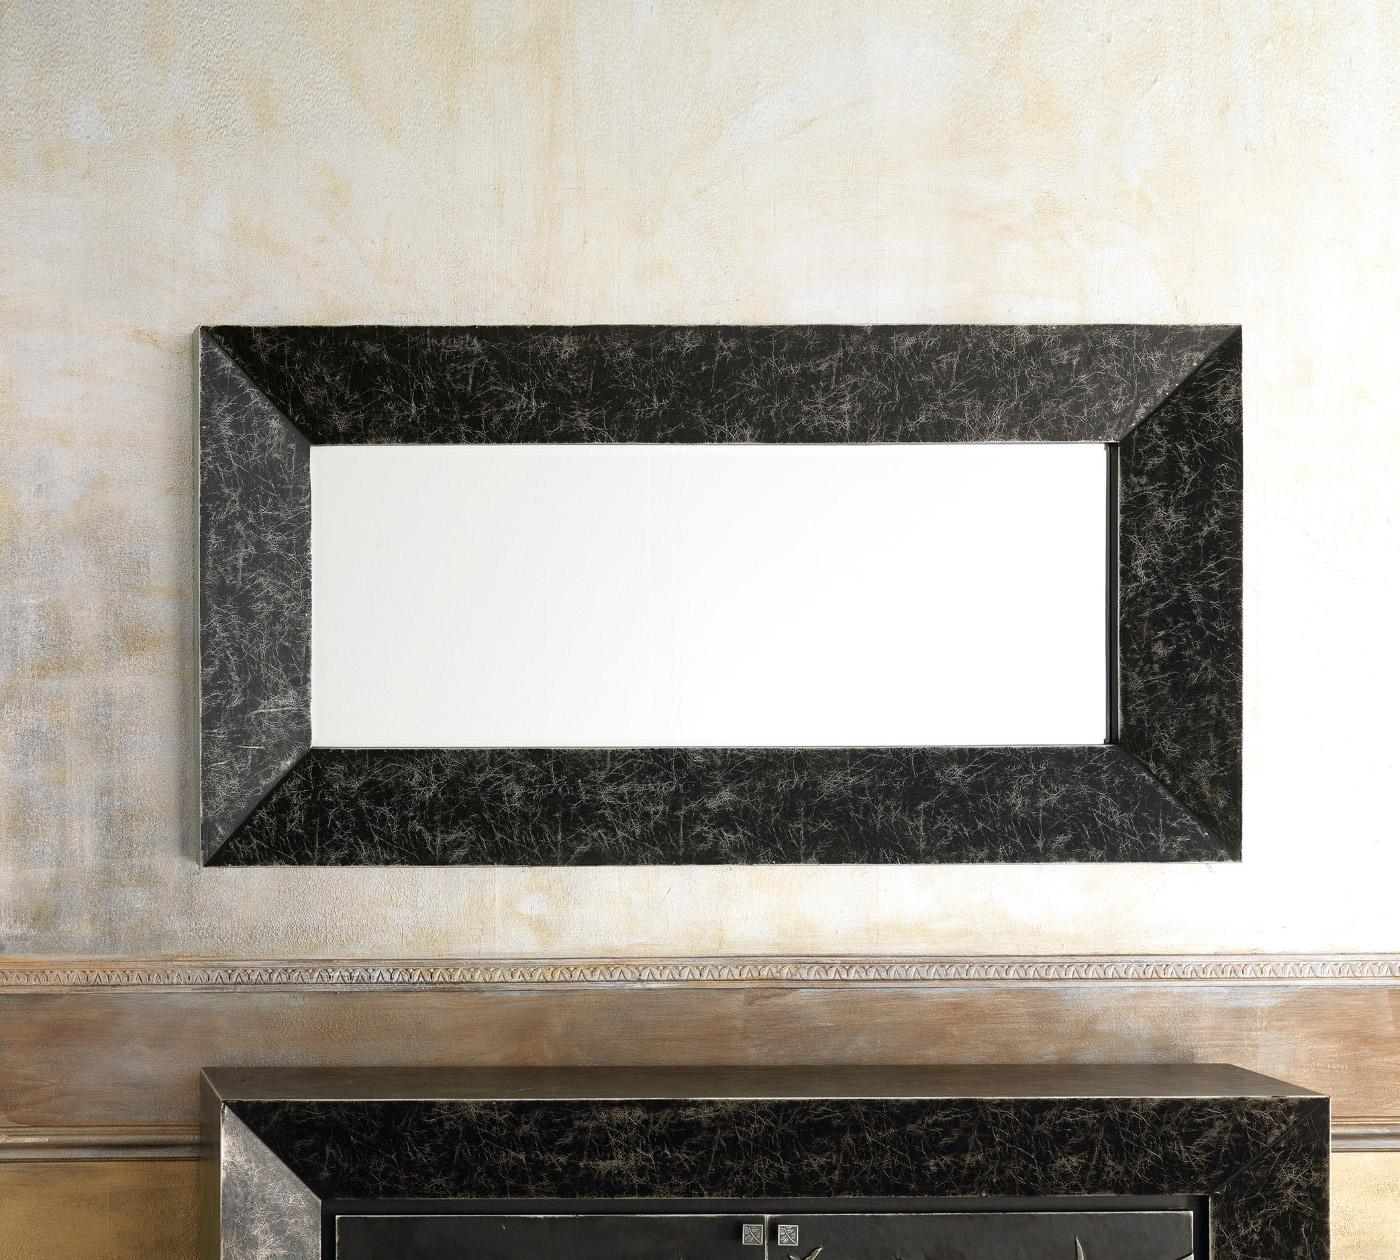 Specchio con cornice in ecopelle qu 051 duzzle - Offerte specchi ...